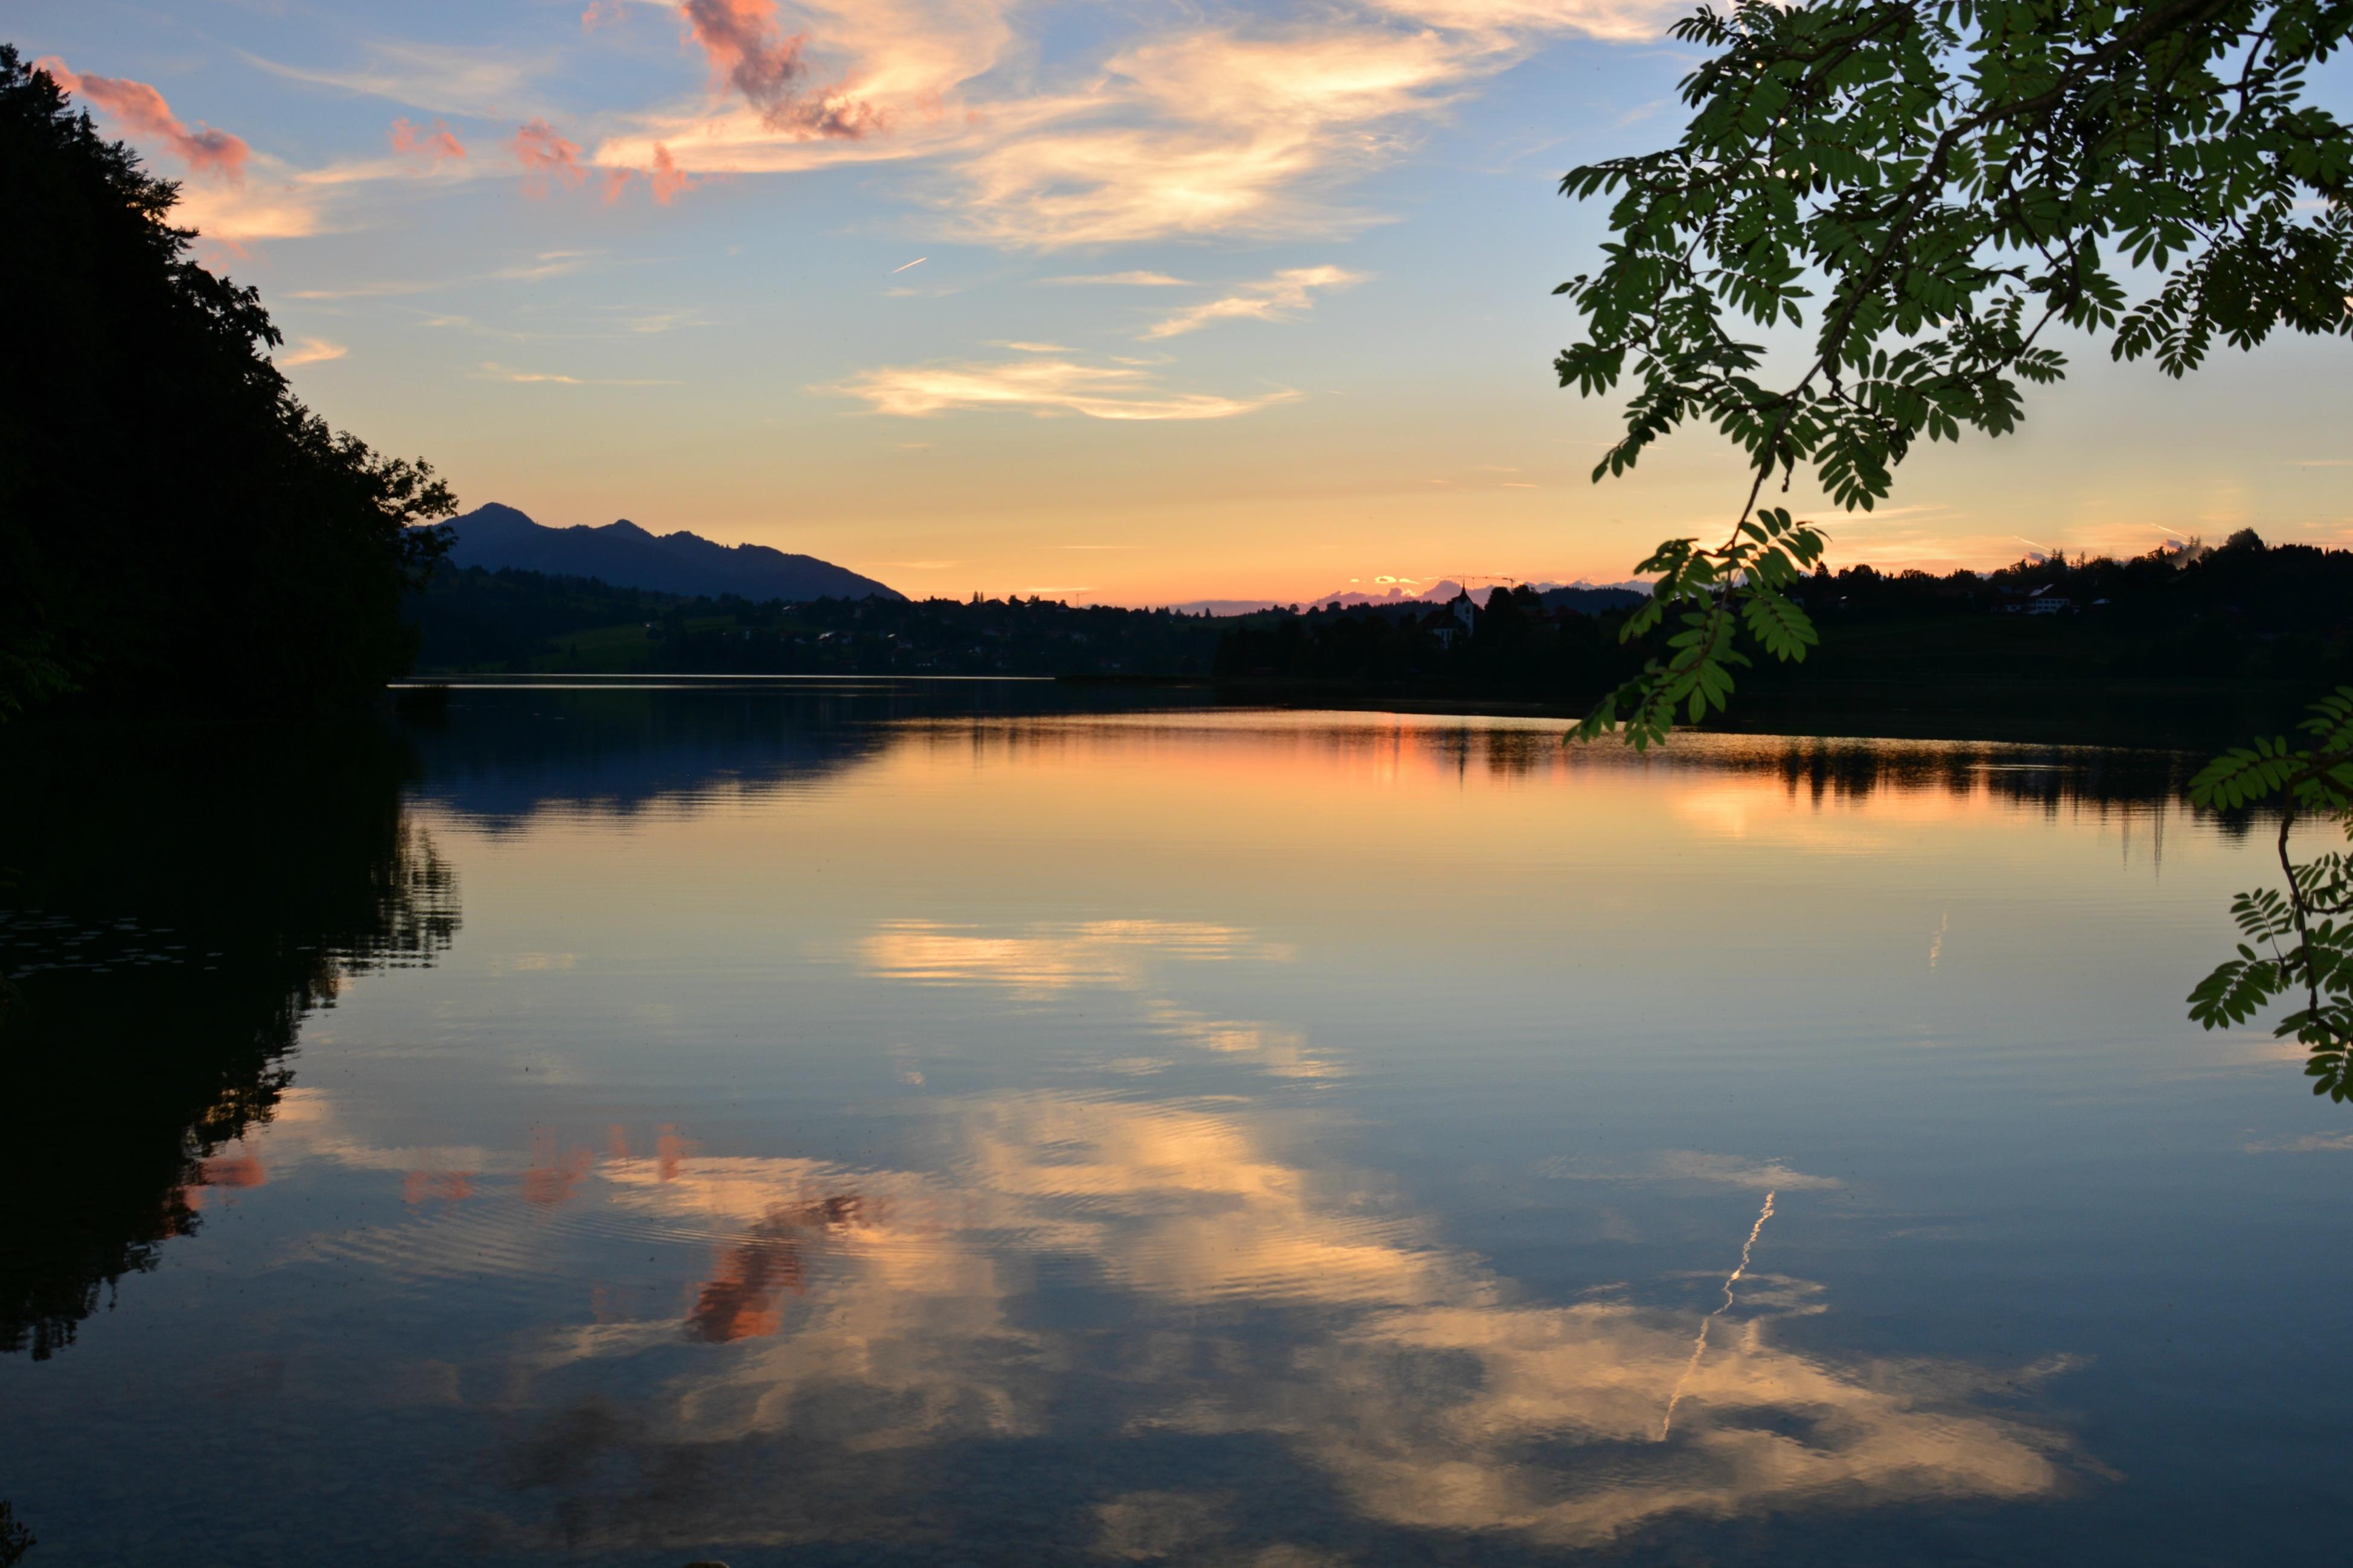 G0279 Sonnenuntergang am Weissensee.jpg